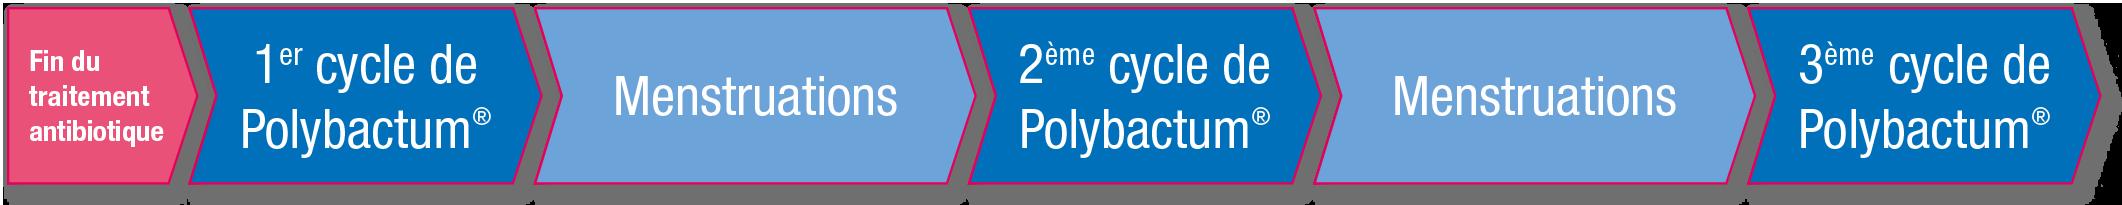 Image pour polybactum 1